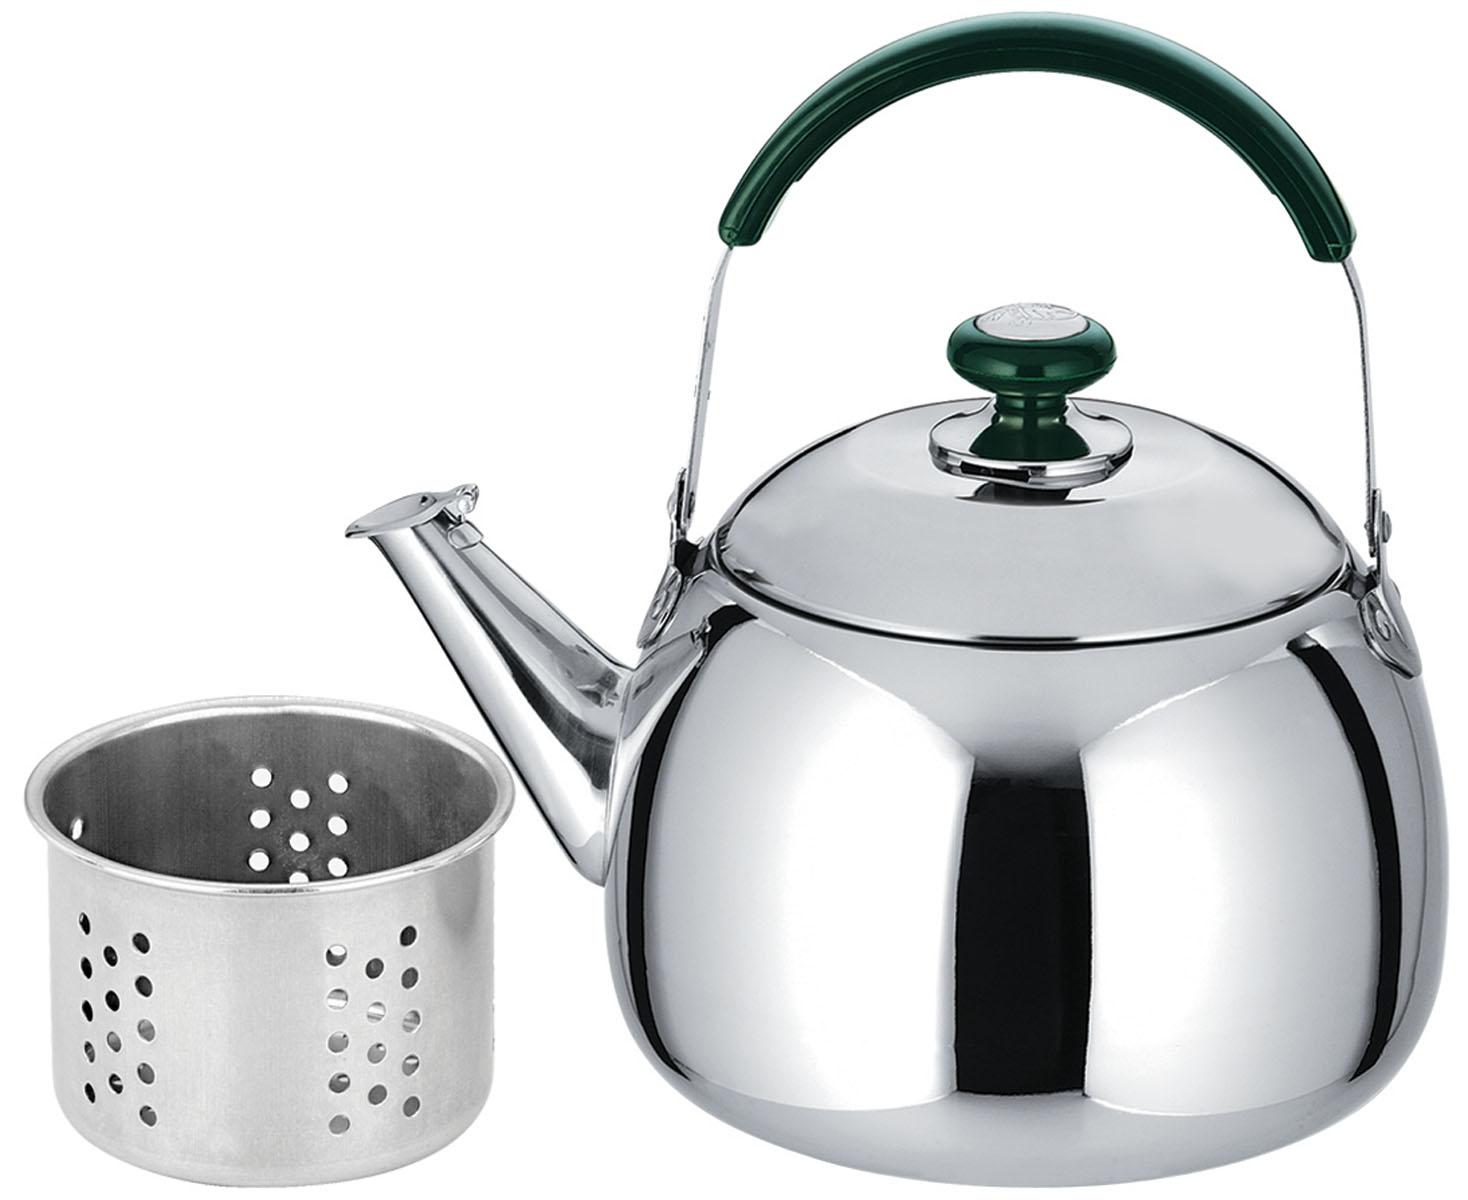 Чайник Bekker, со свистком, с ситечком, 1,5 л. BK-S490BK-S490Чайник Bekker выполнен из высококачественной нержавеющей стали, что обеспечивает долговечность использования. Внешнее зеркальное покрытие придает приятный внешний вид. Бакелитовая ручка делает использование чайника очень удобным и безопасным. Чайник снабжен свистком и ситечком для заваривания. Можно мыть в посудомоечной машине. Подходит для использования на индукционной плите и чистке в посудомоечной машине.